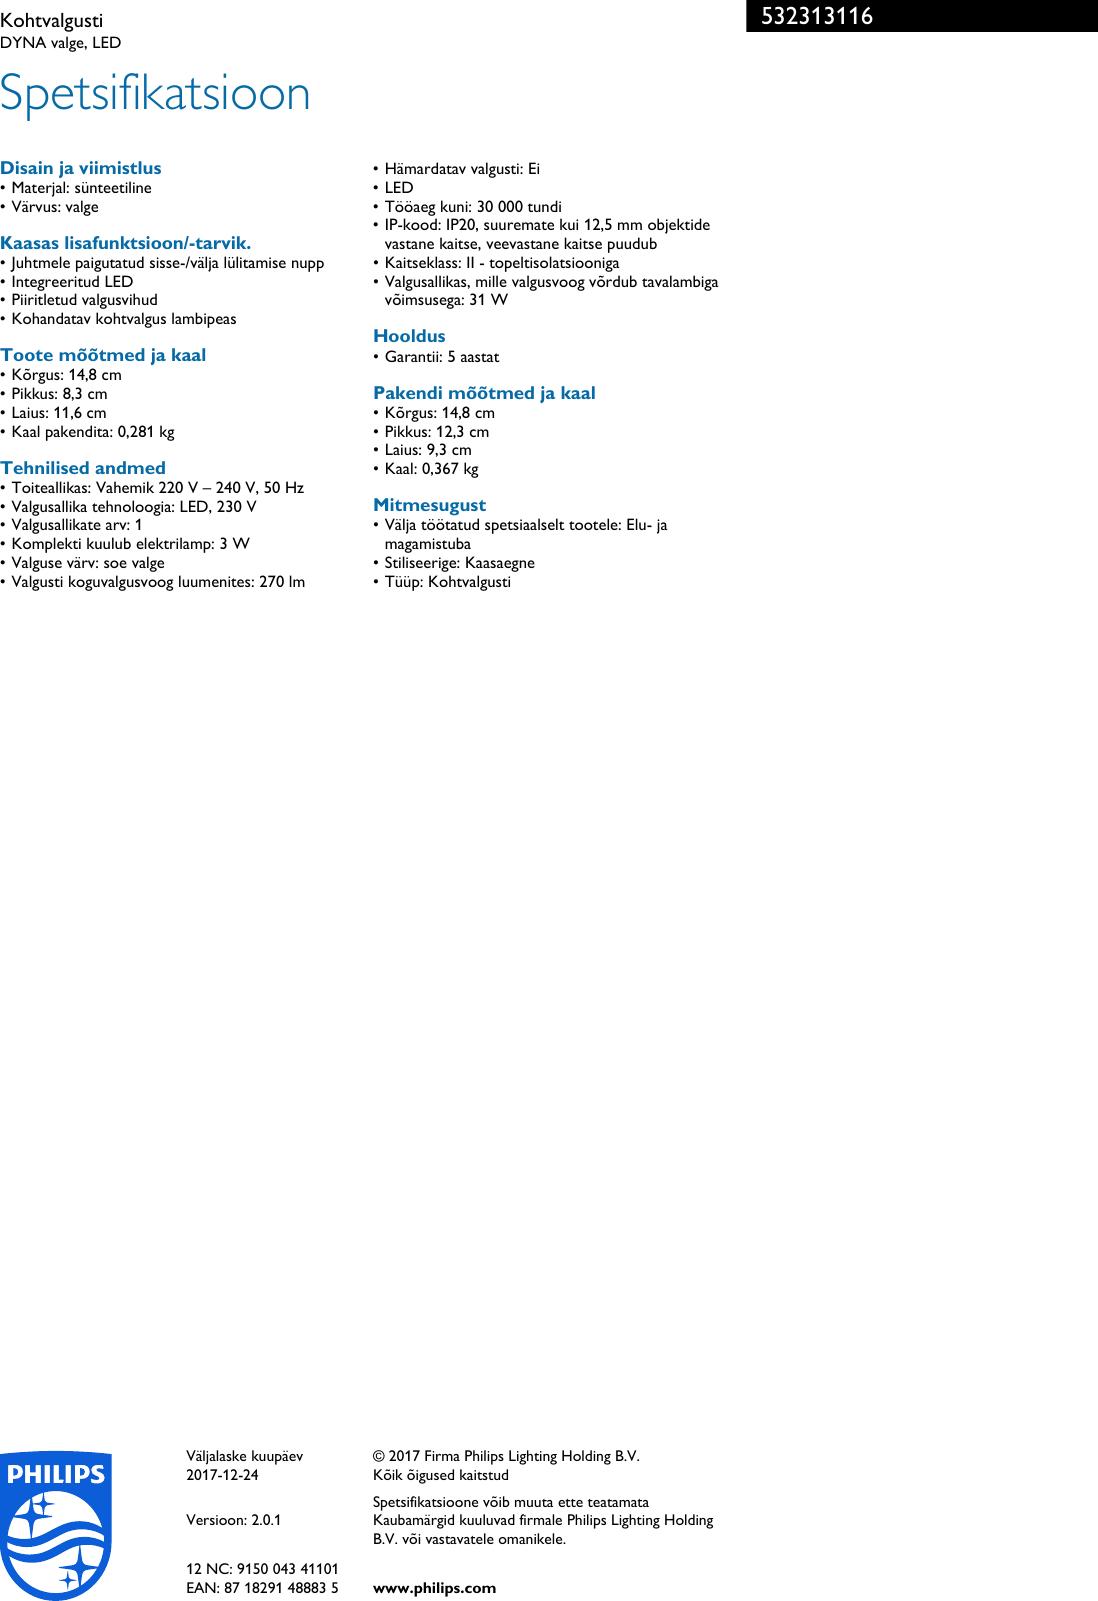 76e831ff107 Philips 53231/31/16 532313116 Kohtvalgusti User Manual Voldik Pss Estee